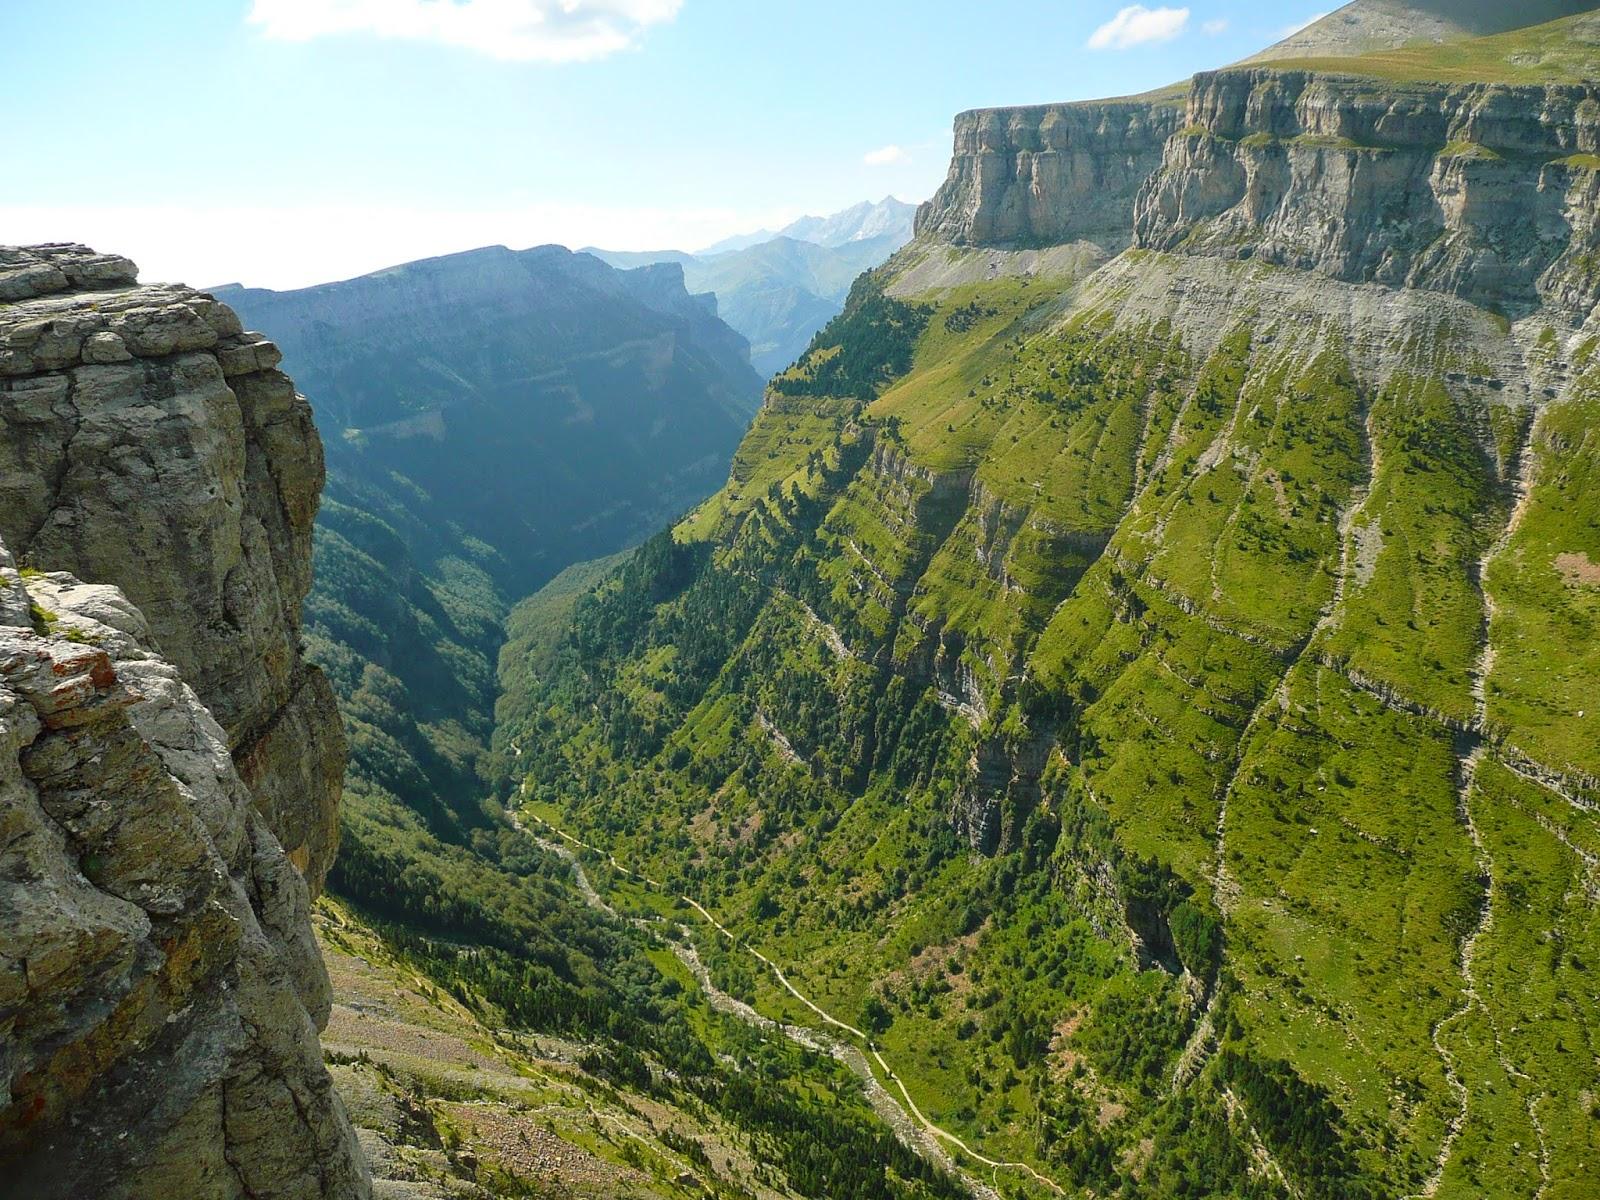 Naturarte parque nacional ordesa monte perdido - Apartamentos en ordesa y monte perdido ...